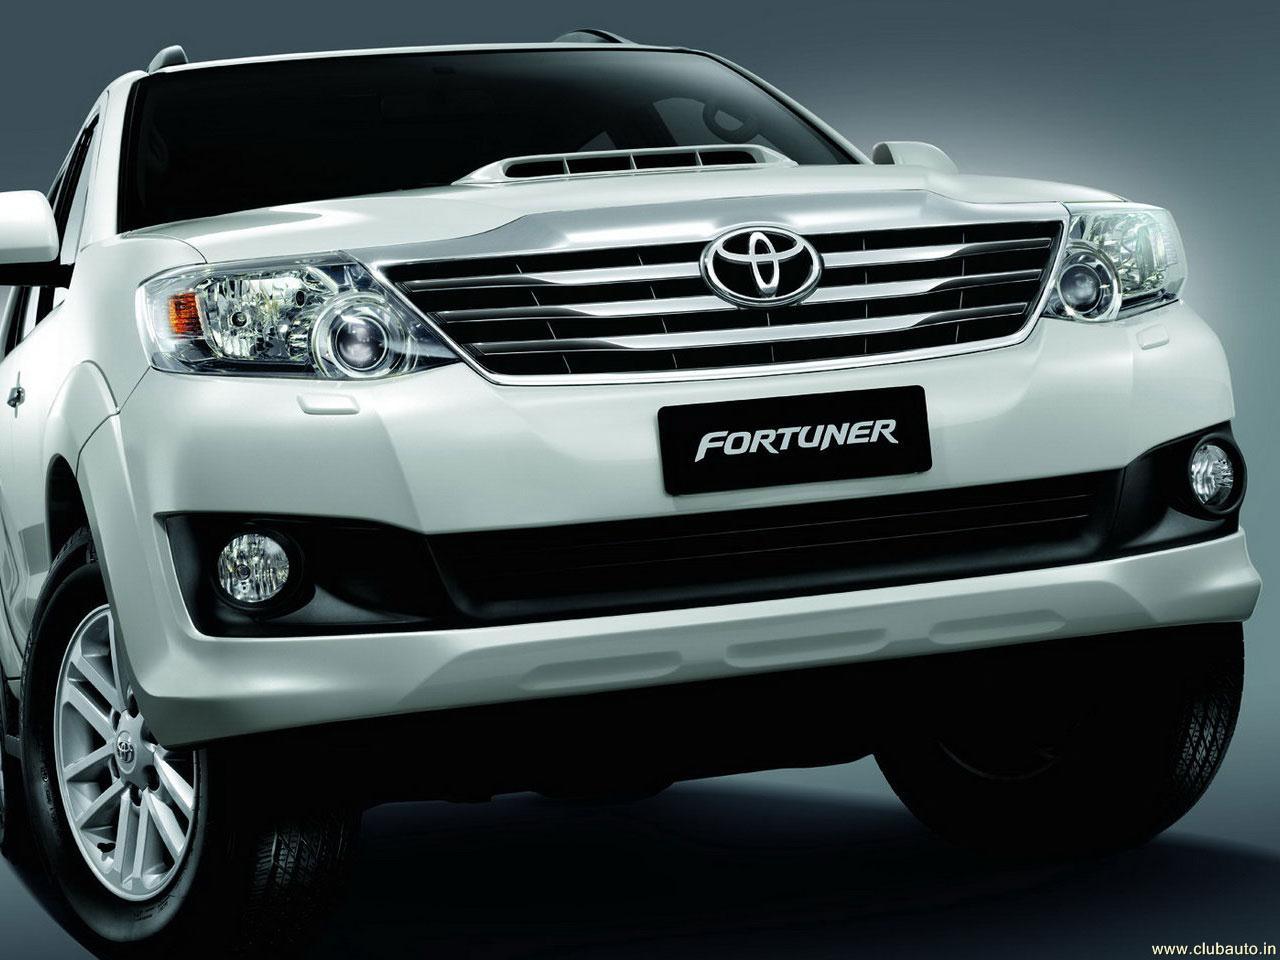 Toyota Fortuner Wallpapers 012 Mb WallpapersExpertcom 1280x960